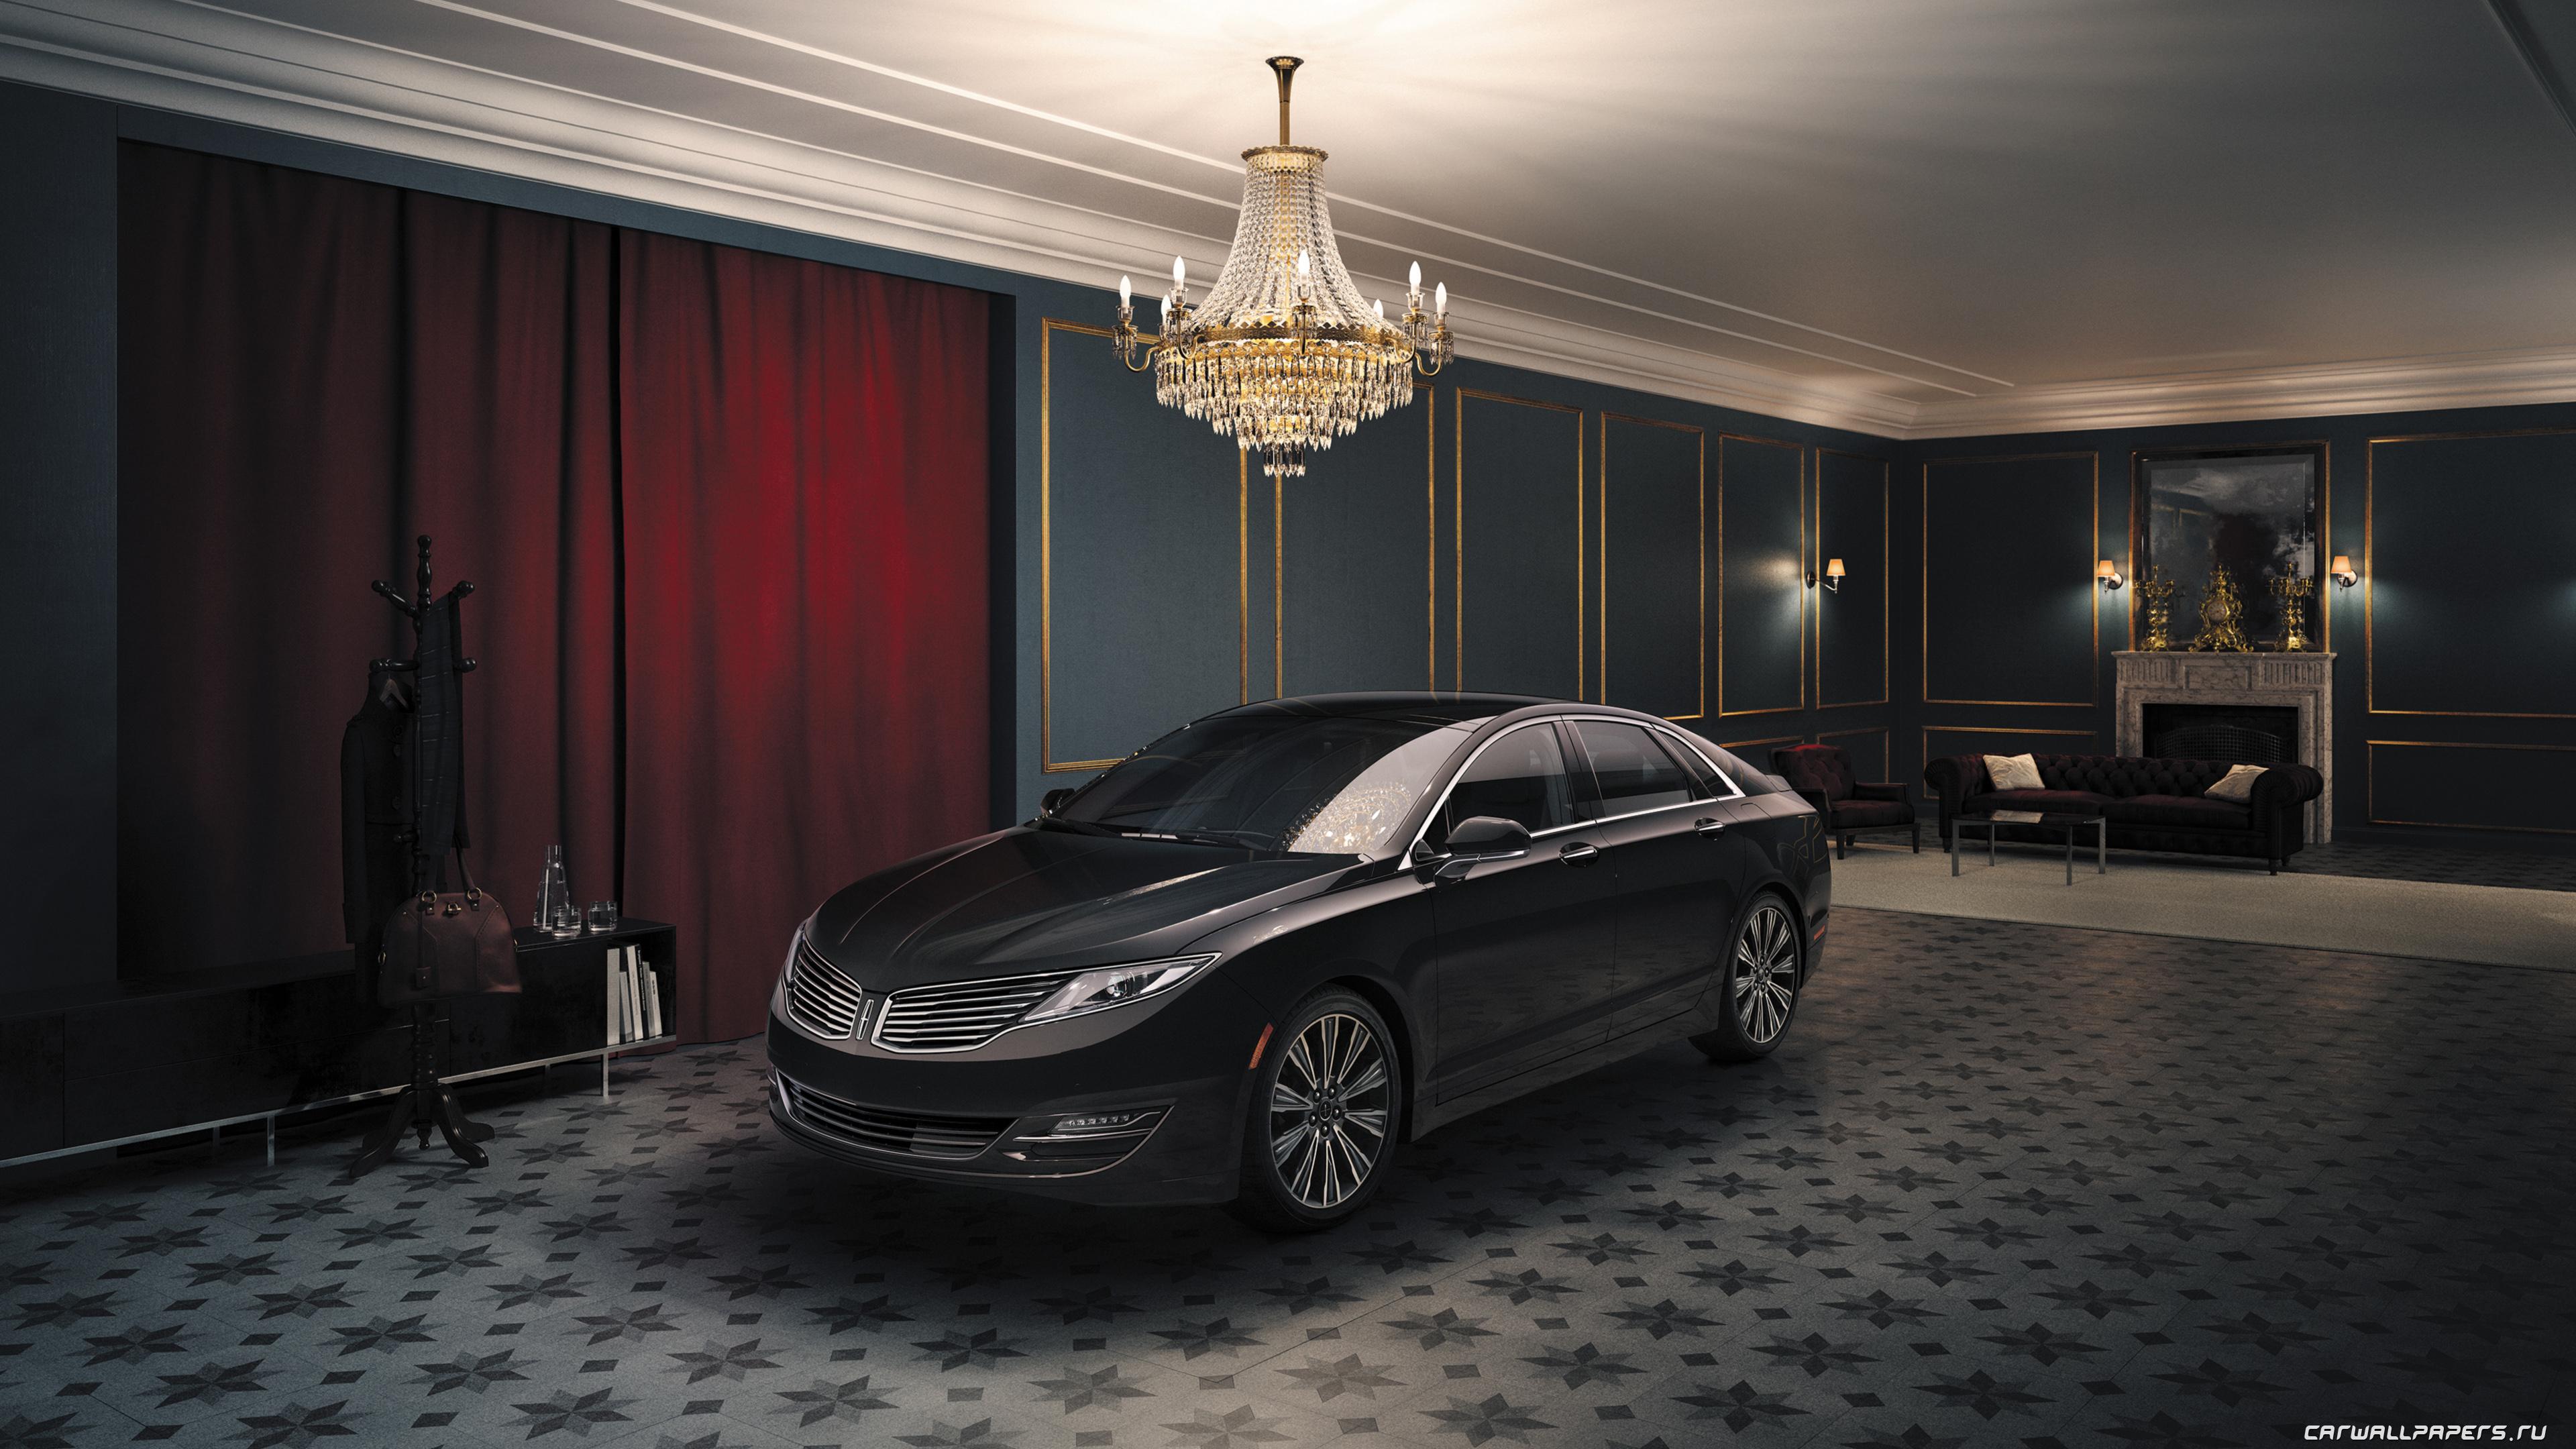 2015 Lincoln Mkz Black Label >> Cars Desktop Wallpapers Lincoln Mkz Black Label 2015